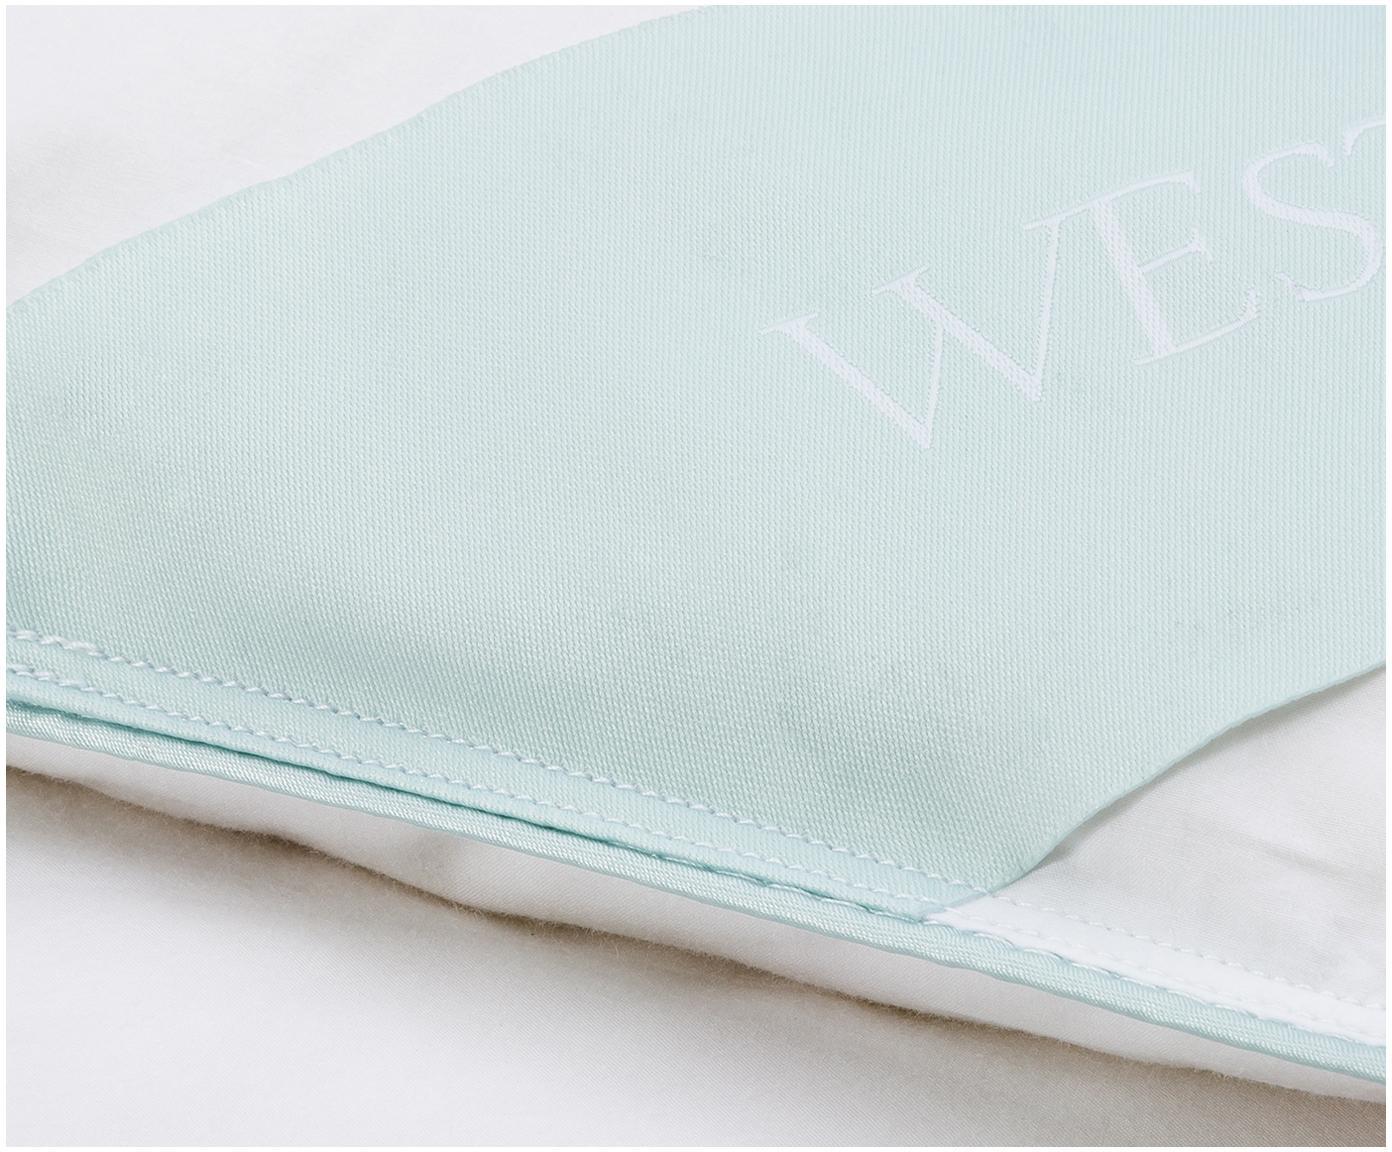 Piumino trapuntato in piuma d'oca Comfort, medio, Bianco con fascia di stoffa in raso turchese, Larg. 155 x Lung. 200 cm